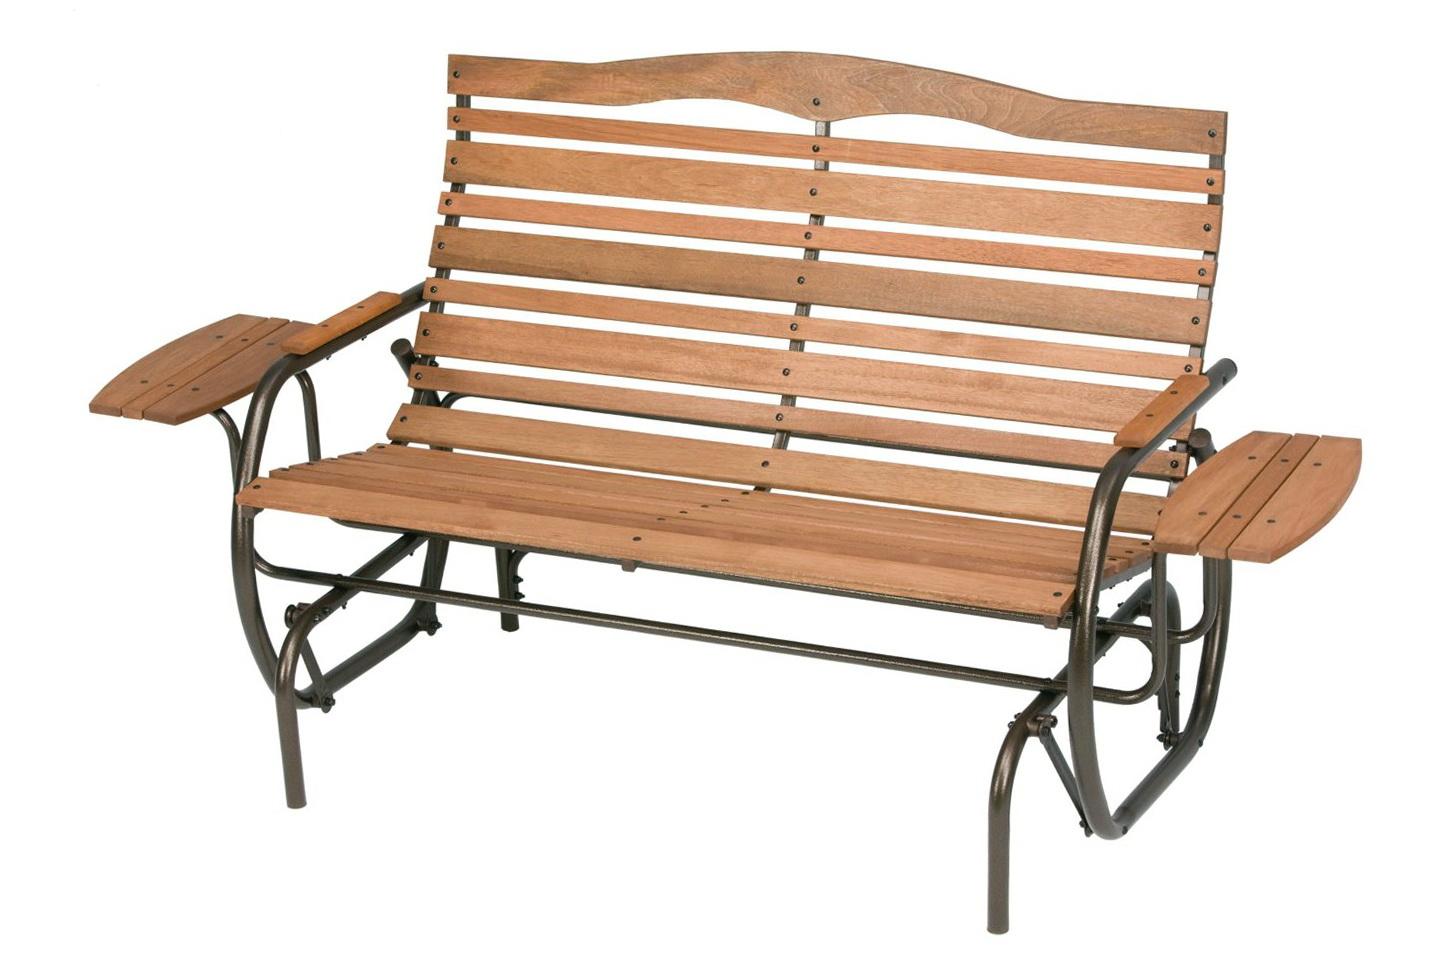 Outdoor Glider Bench Plans Home Design Ideas